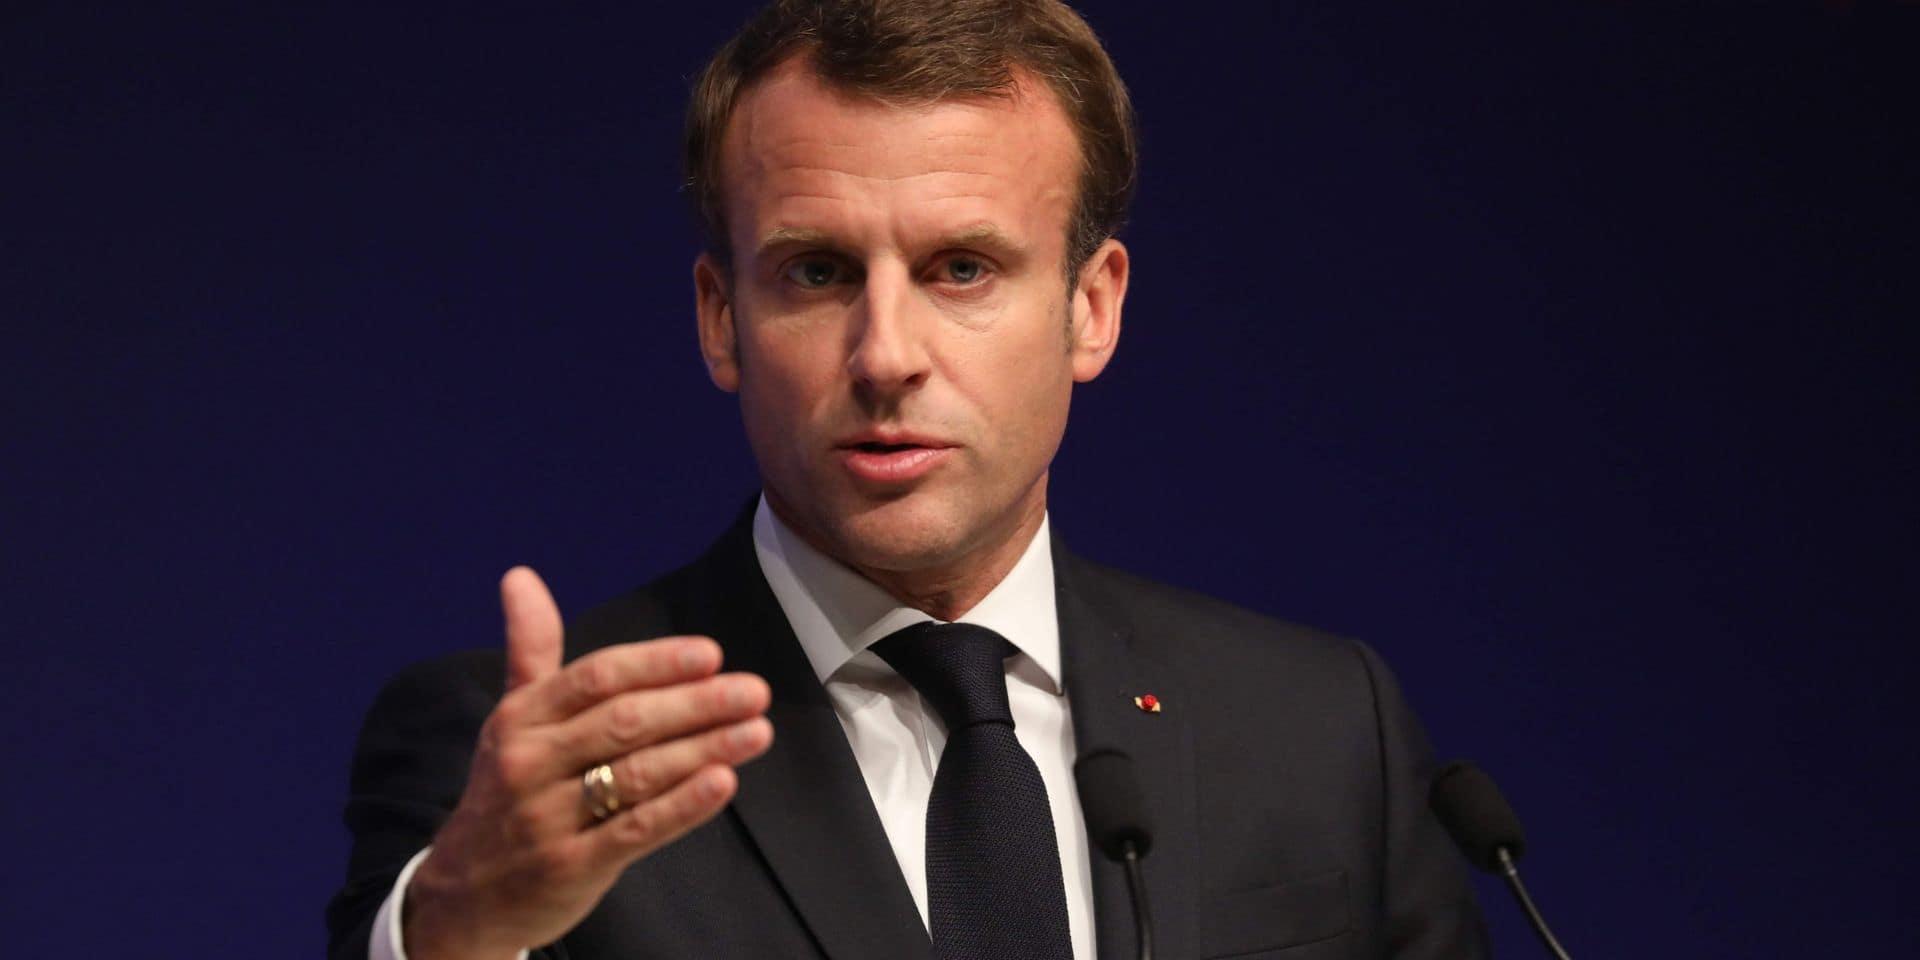 Les déclarations de Macron sur le voile et l'immigration continuent de faire des vagues en France